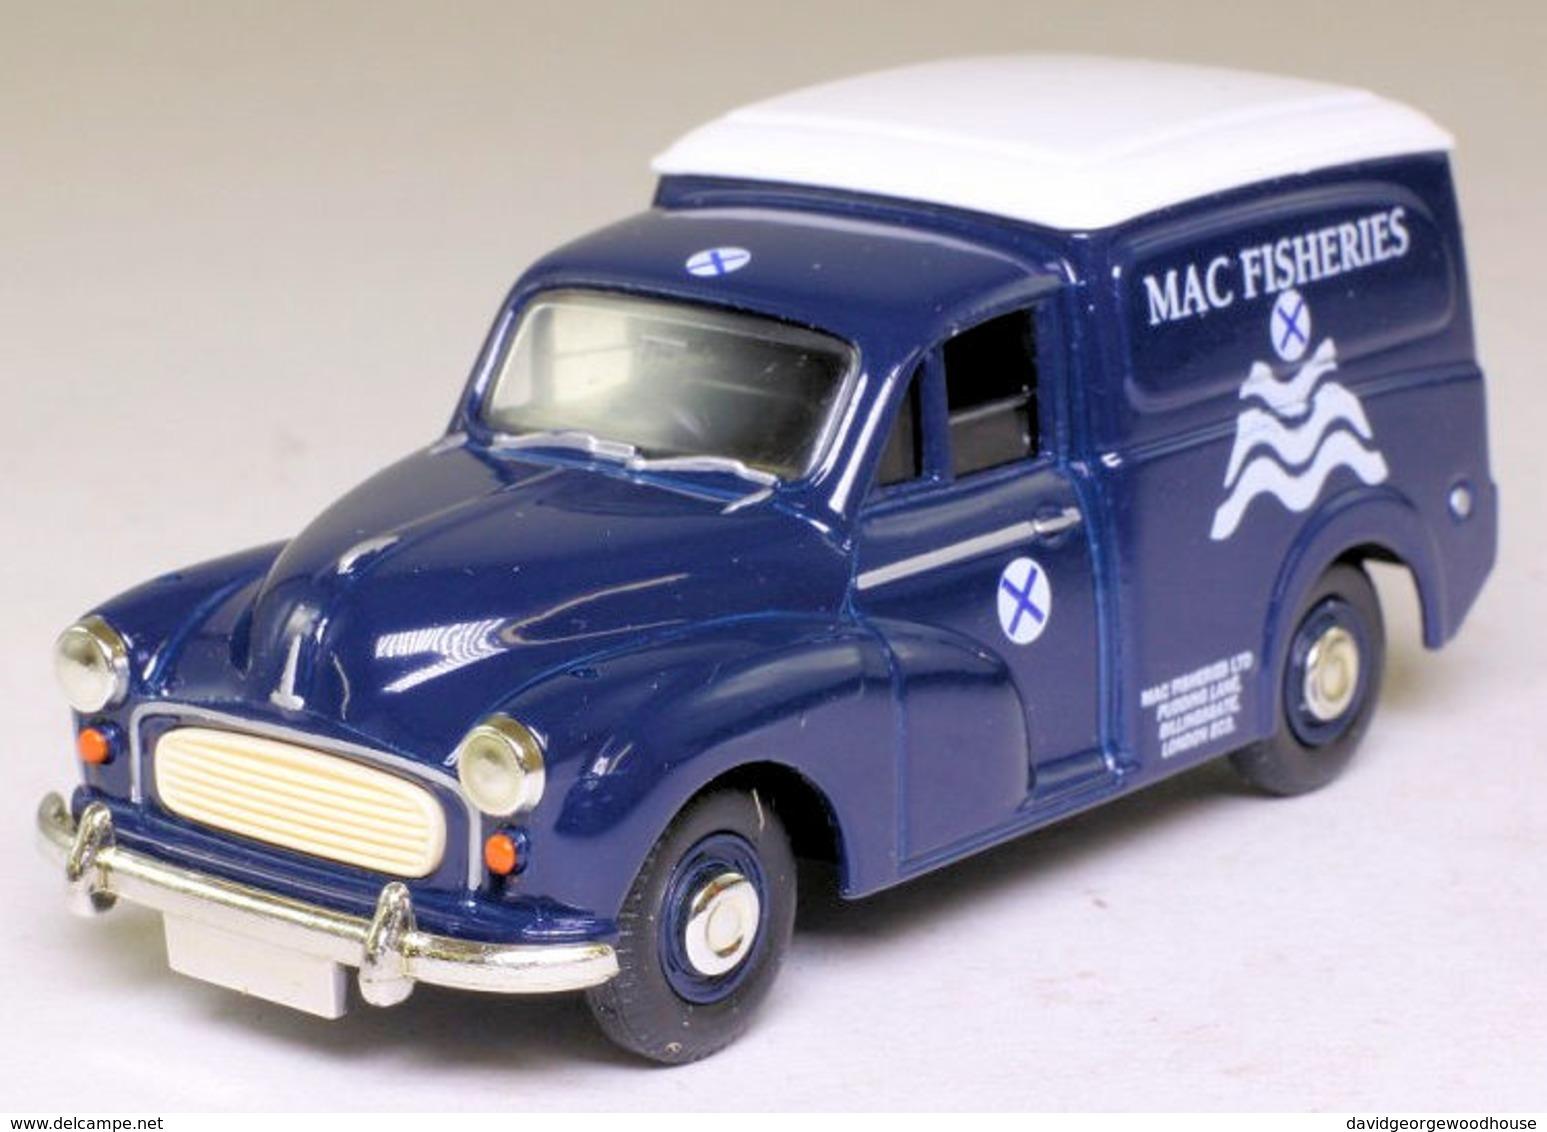 Morris Minor Van: Mac Fisheries. - Other